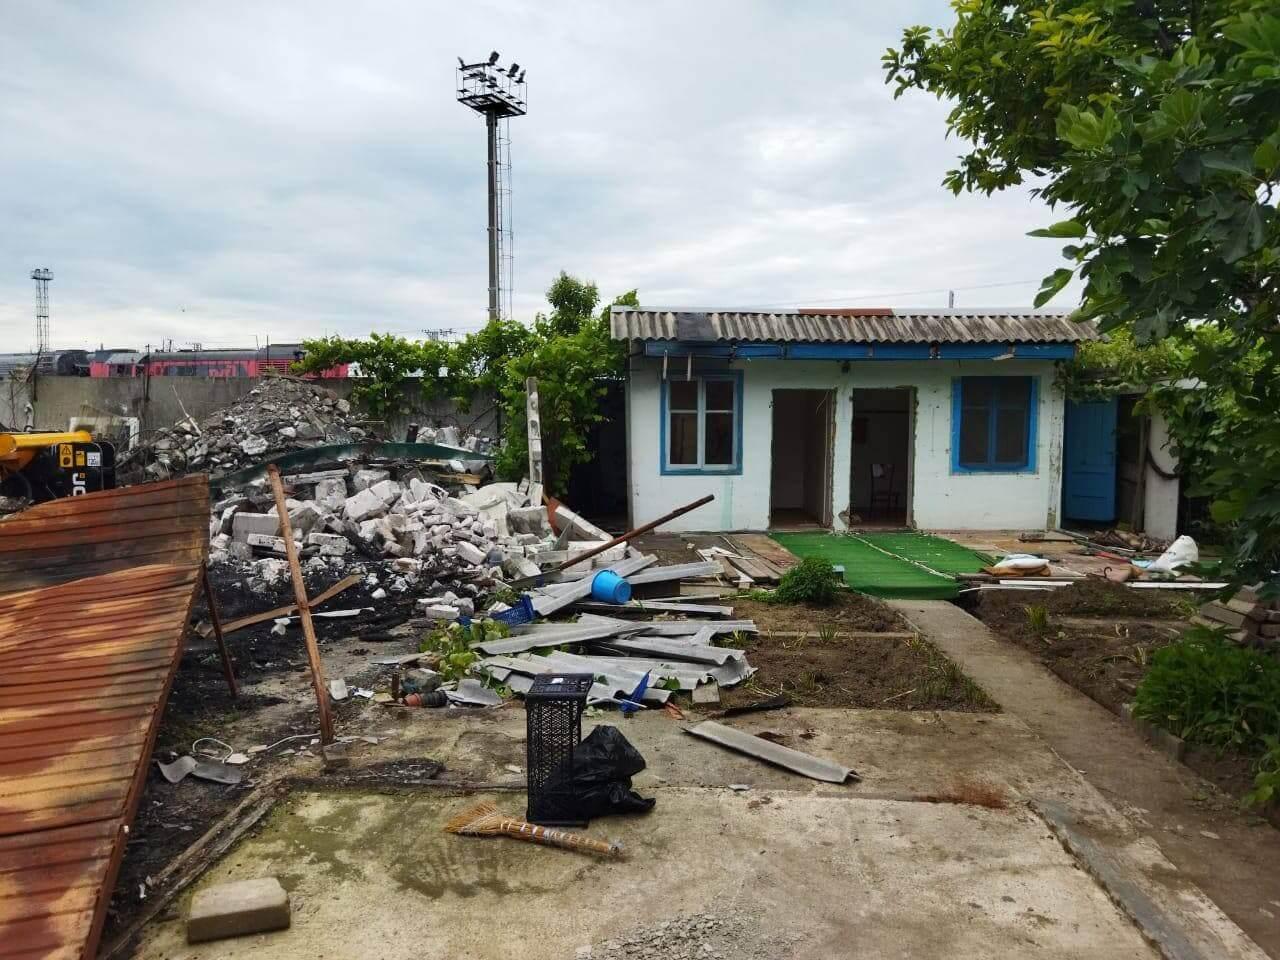 Здания, из-за которых в Сочи убиты приставы, признаны самостроем еще в 1986 году